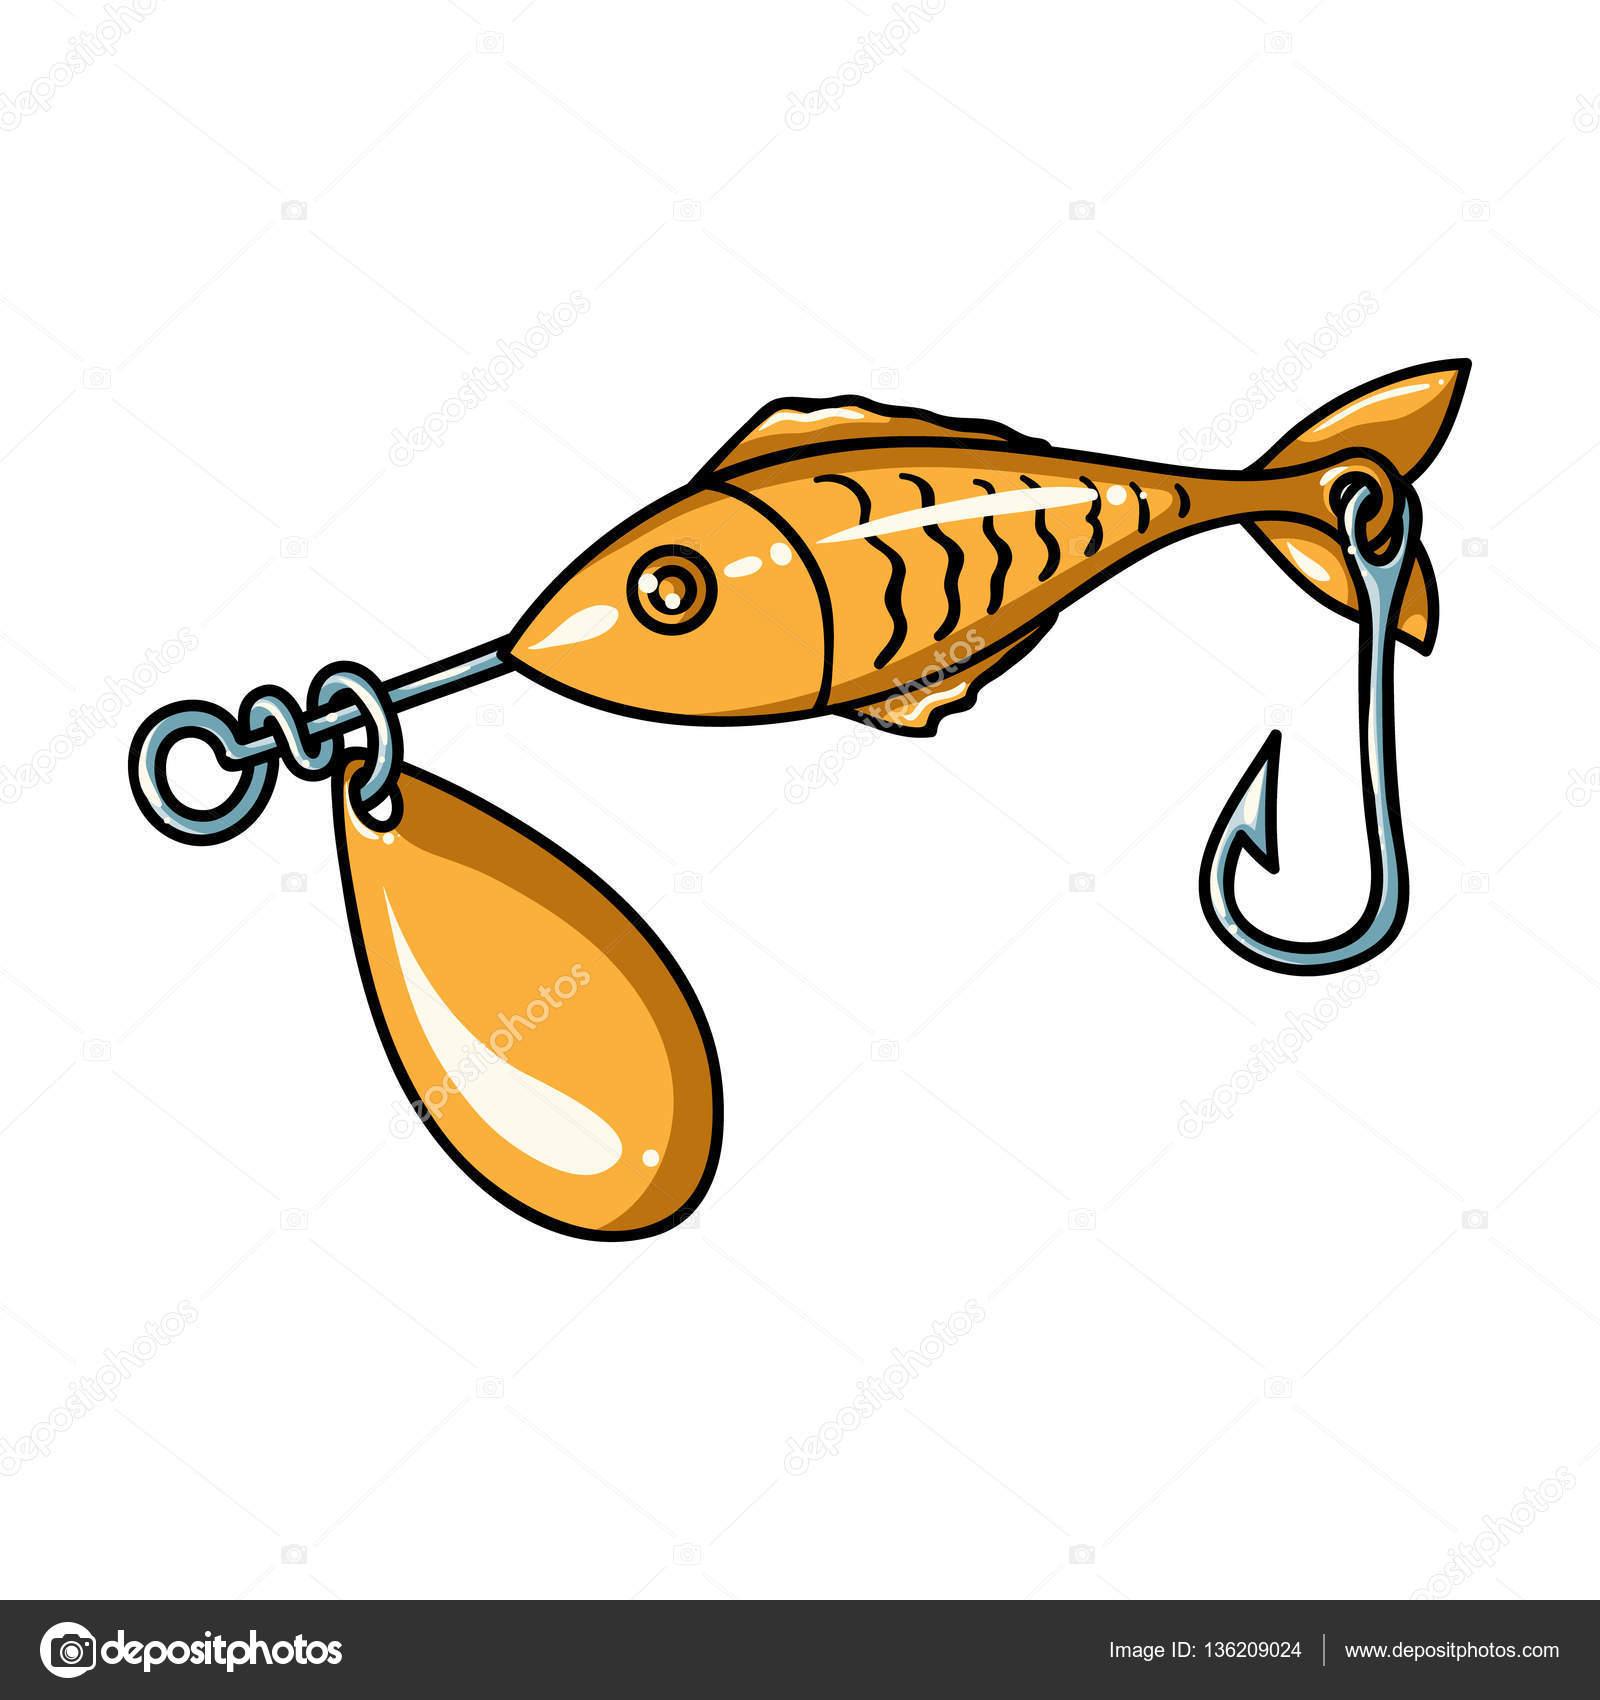 Icono de cebo de pesca en estilo de dibujos animados aislado sobre.